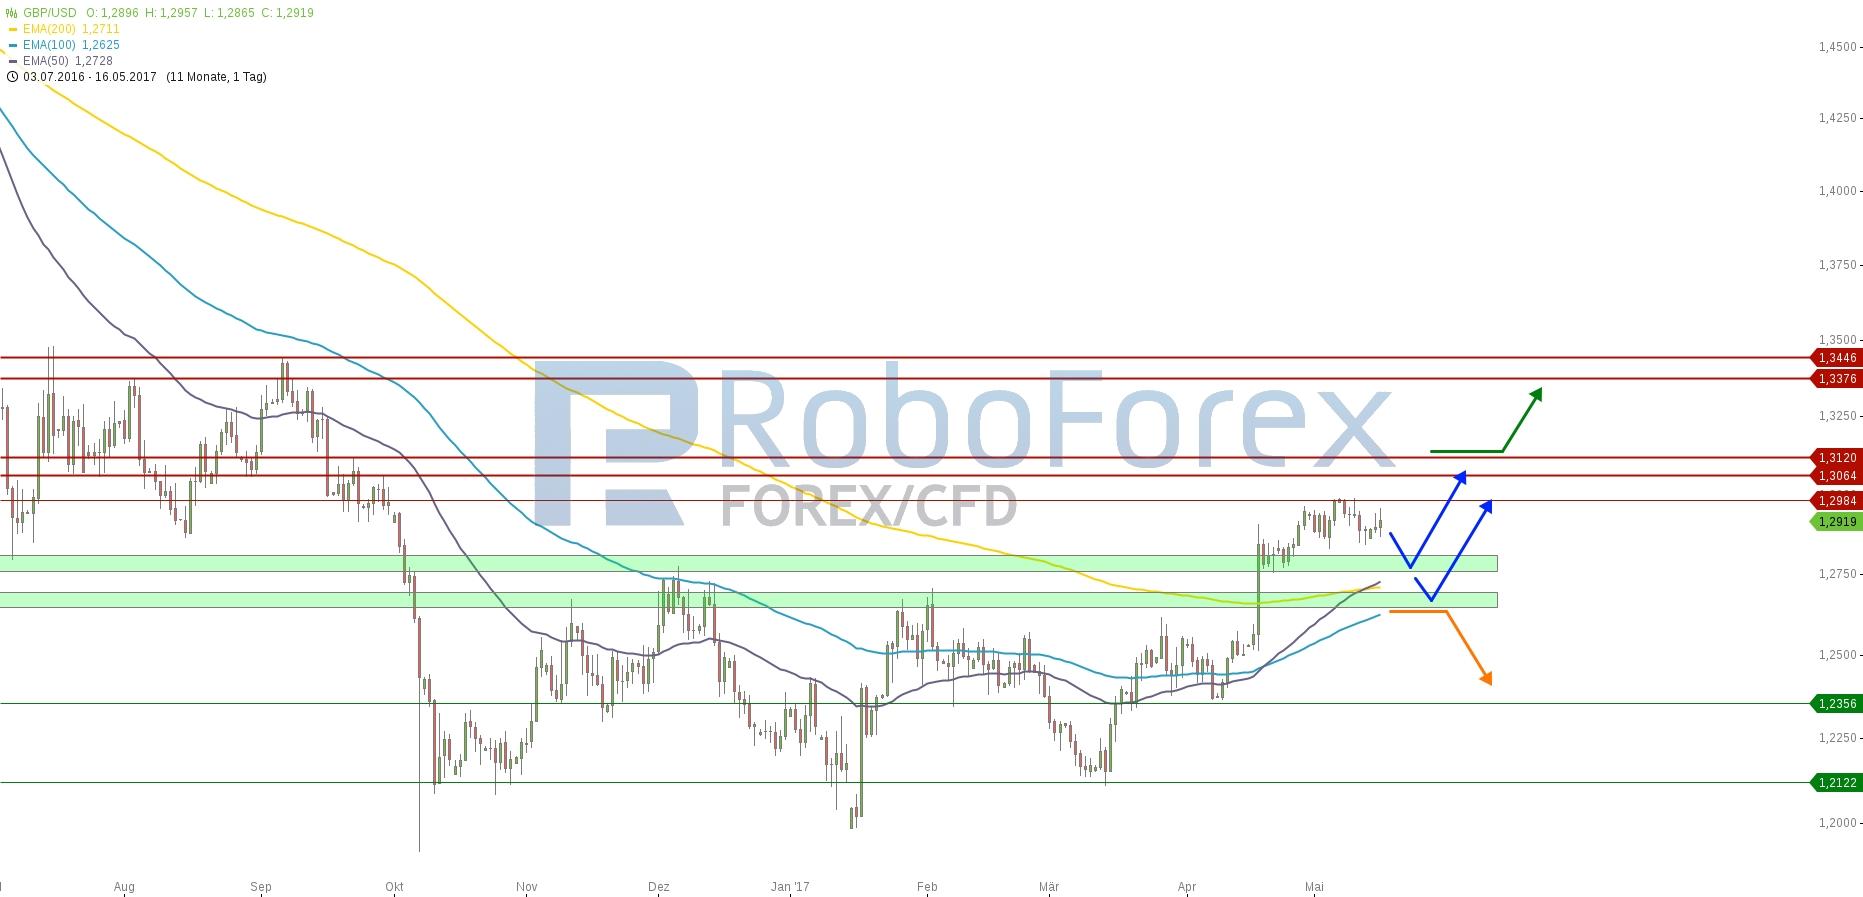 chart-16052017-2207-gbpusd-roboforex.jpg